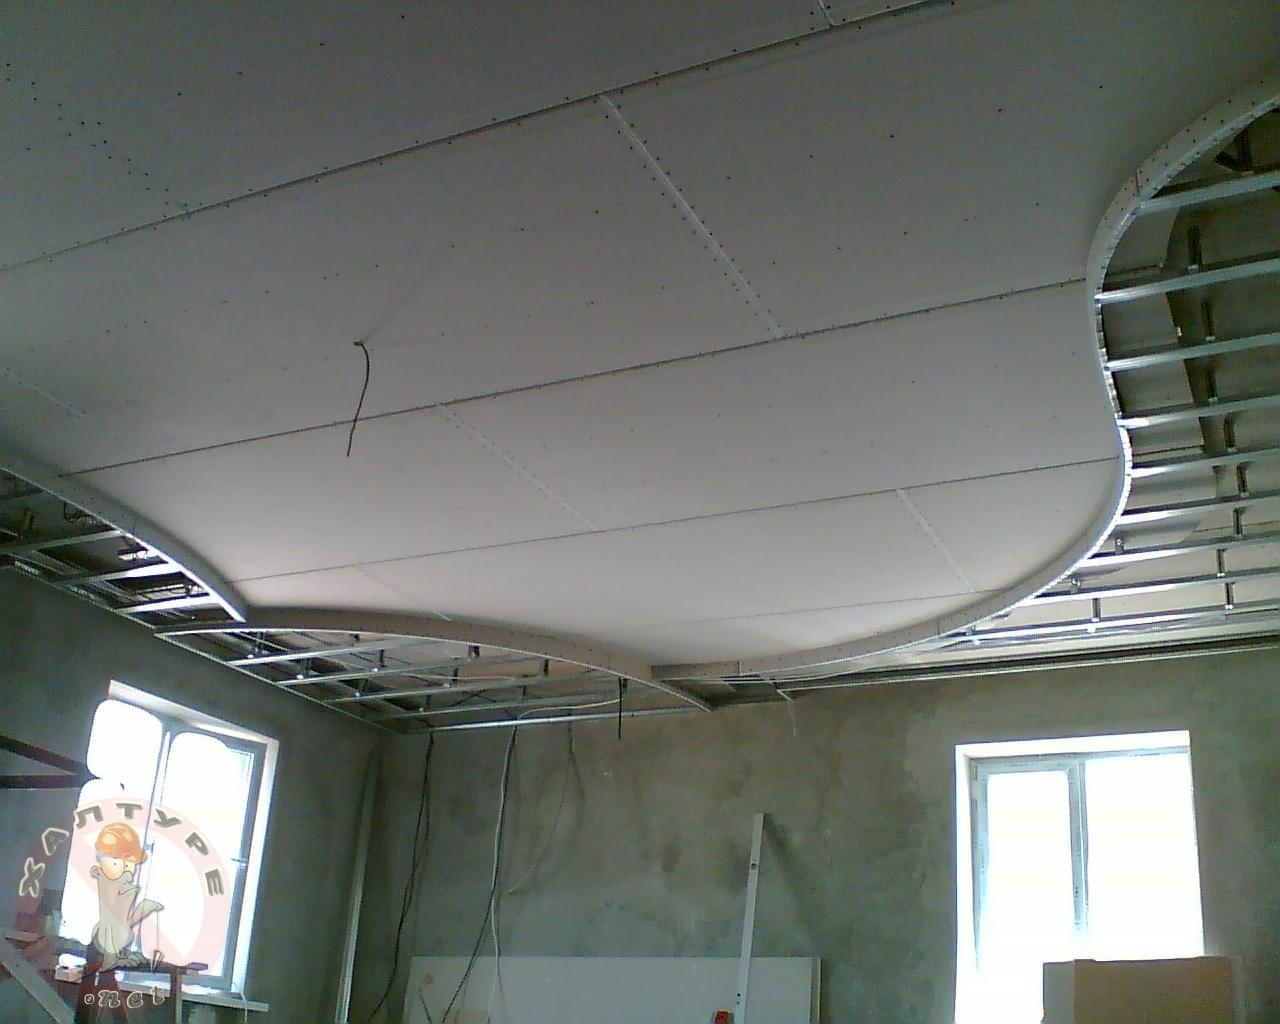 нам вопросам каркасные потолки из гипсокартона фото признаётся сам дмитрий